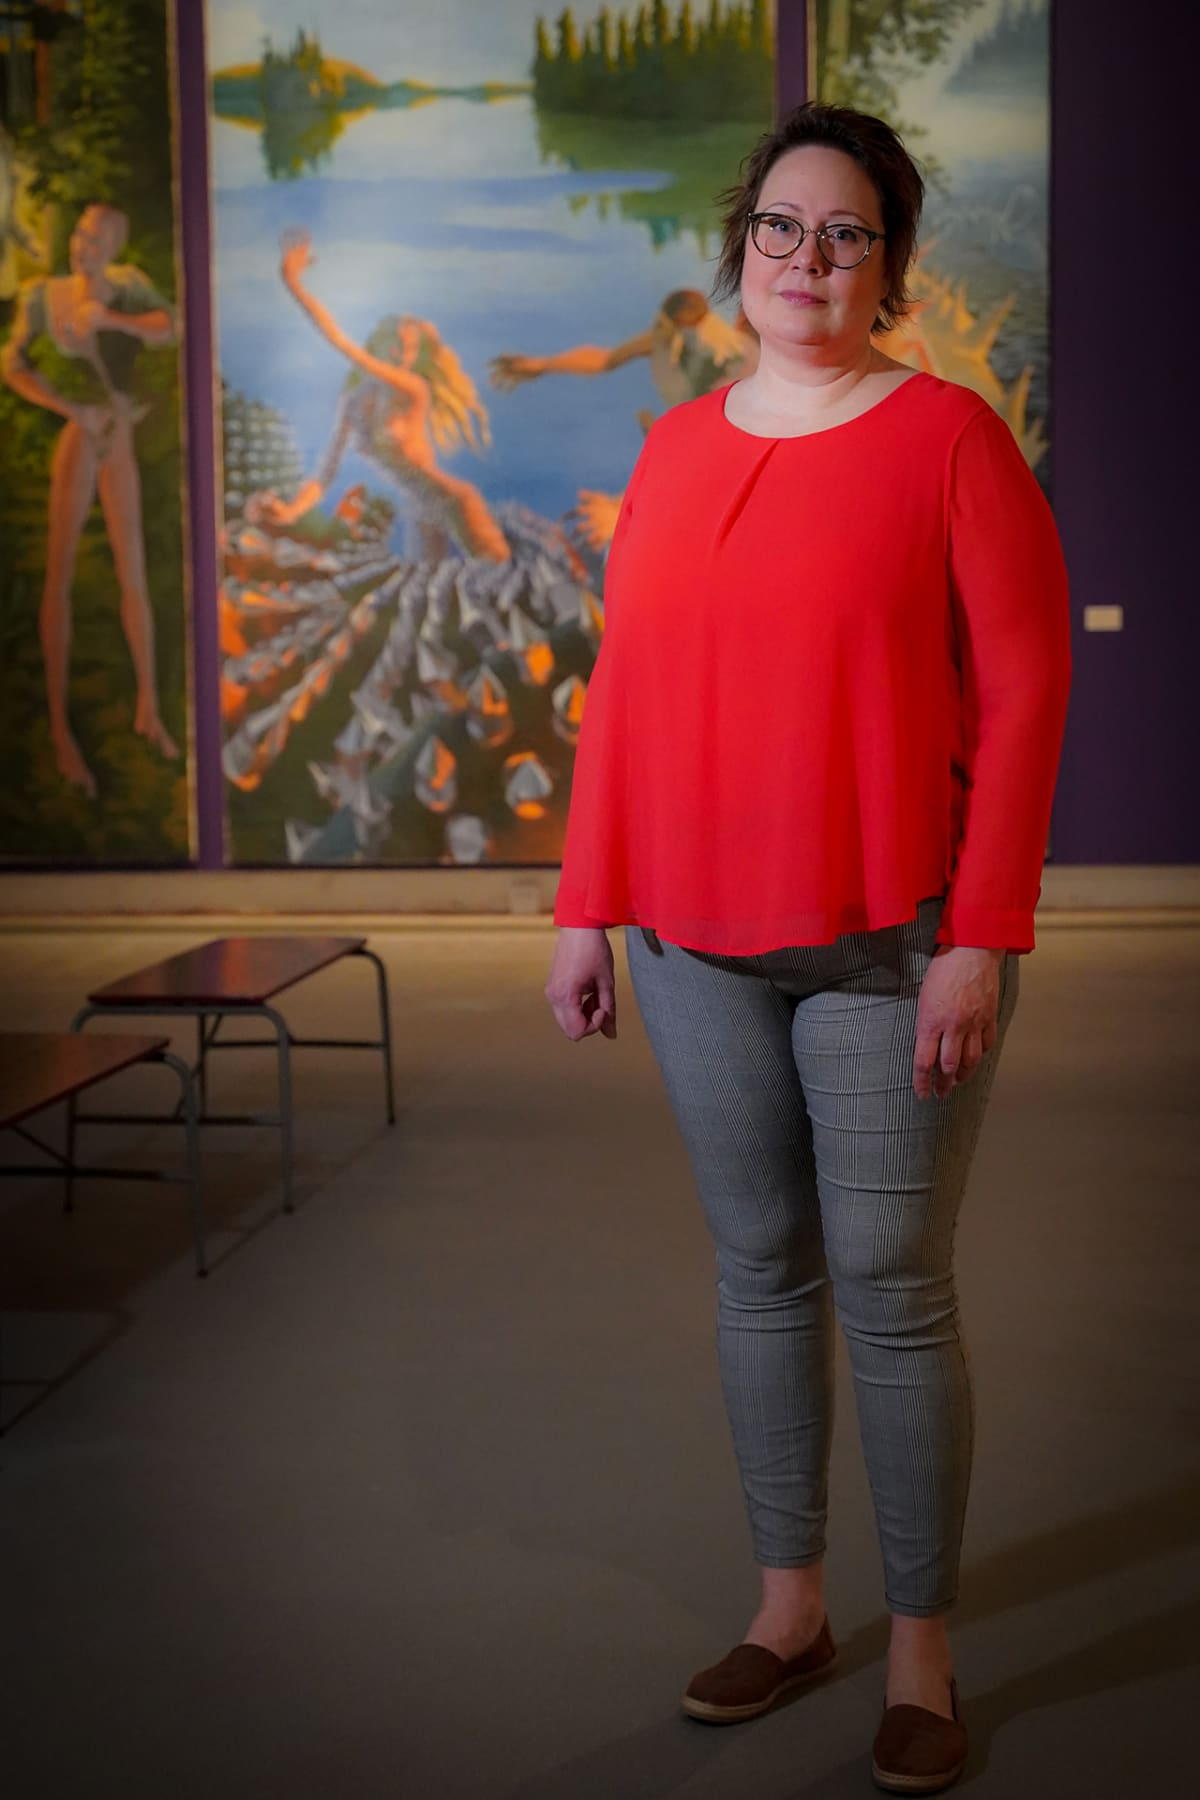 Salon taidemuseo, Susanna Luojus